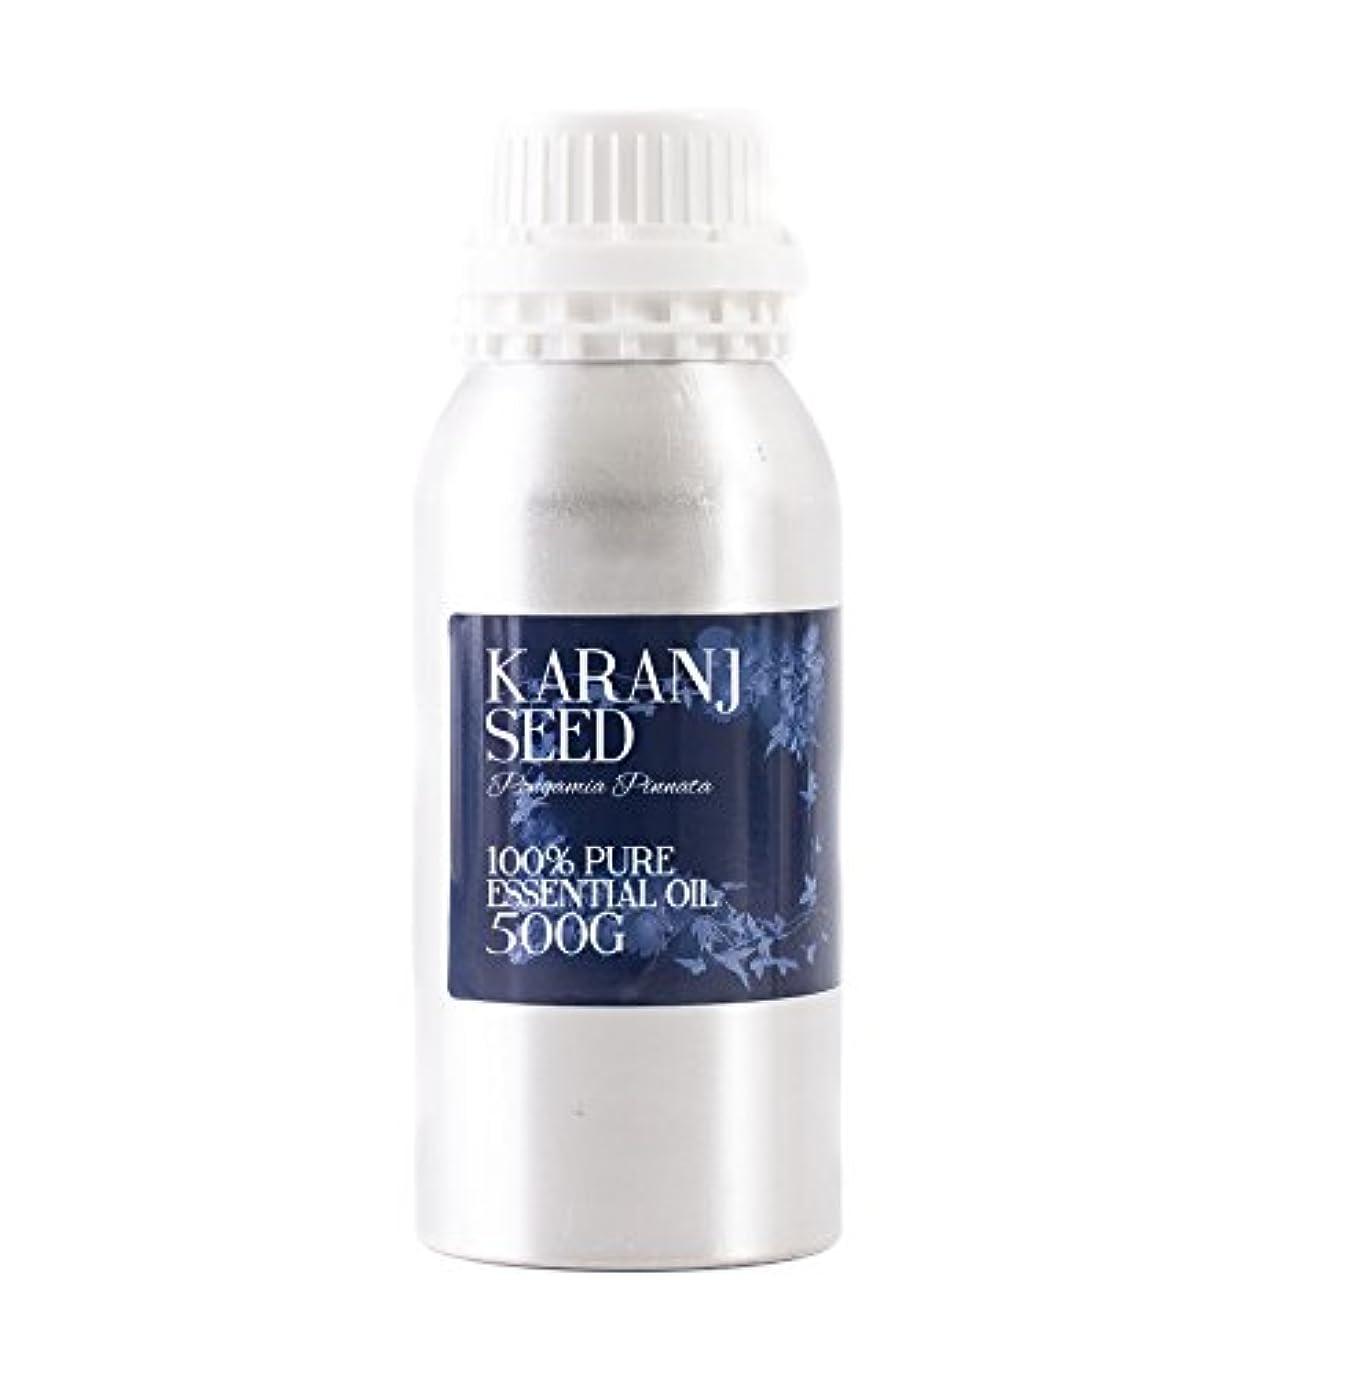 手綱交差点不潔Mystic Moments   Karanj Seed Essential Oil - 500g - 100% Pure